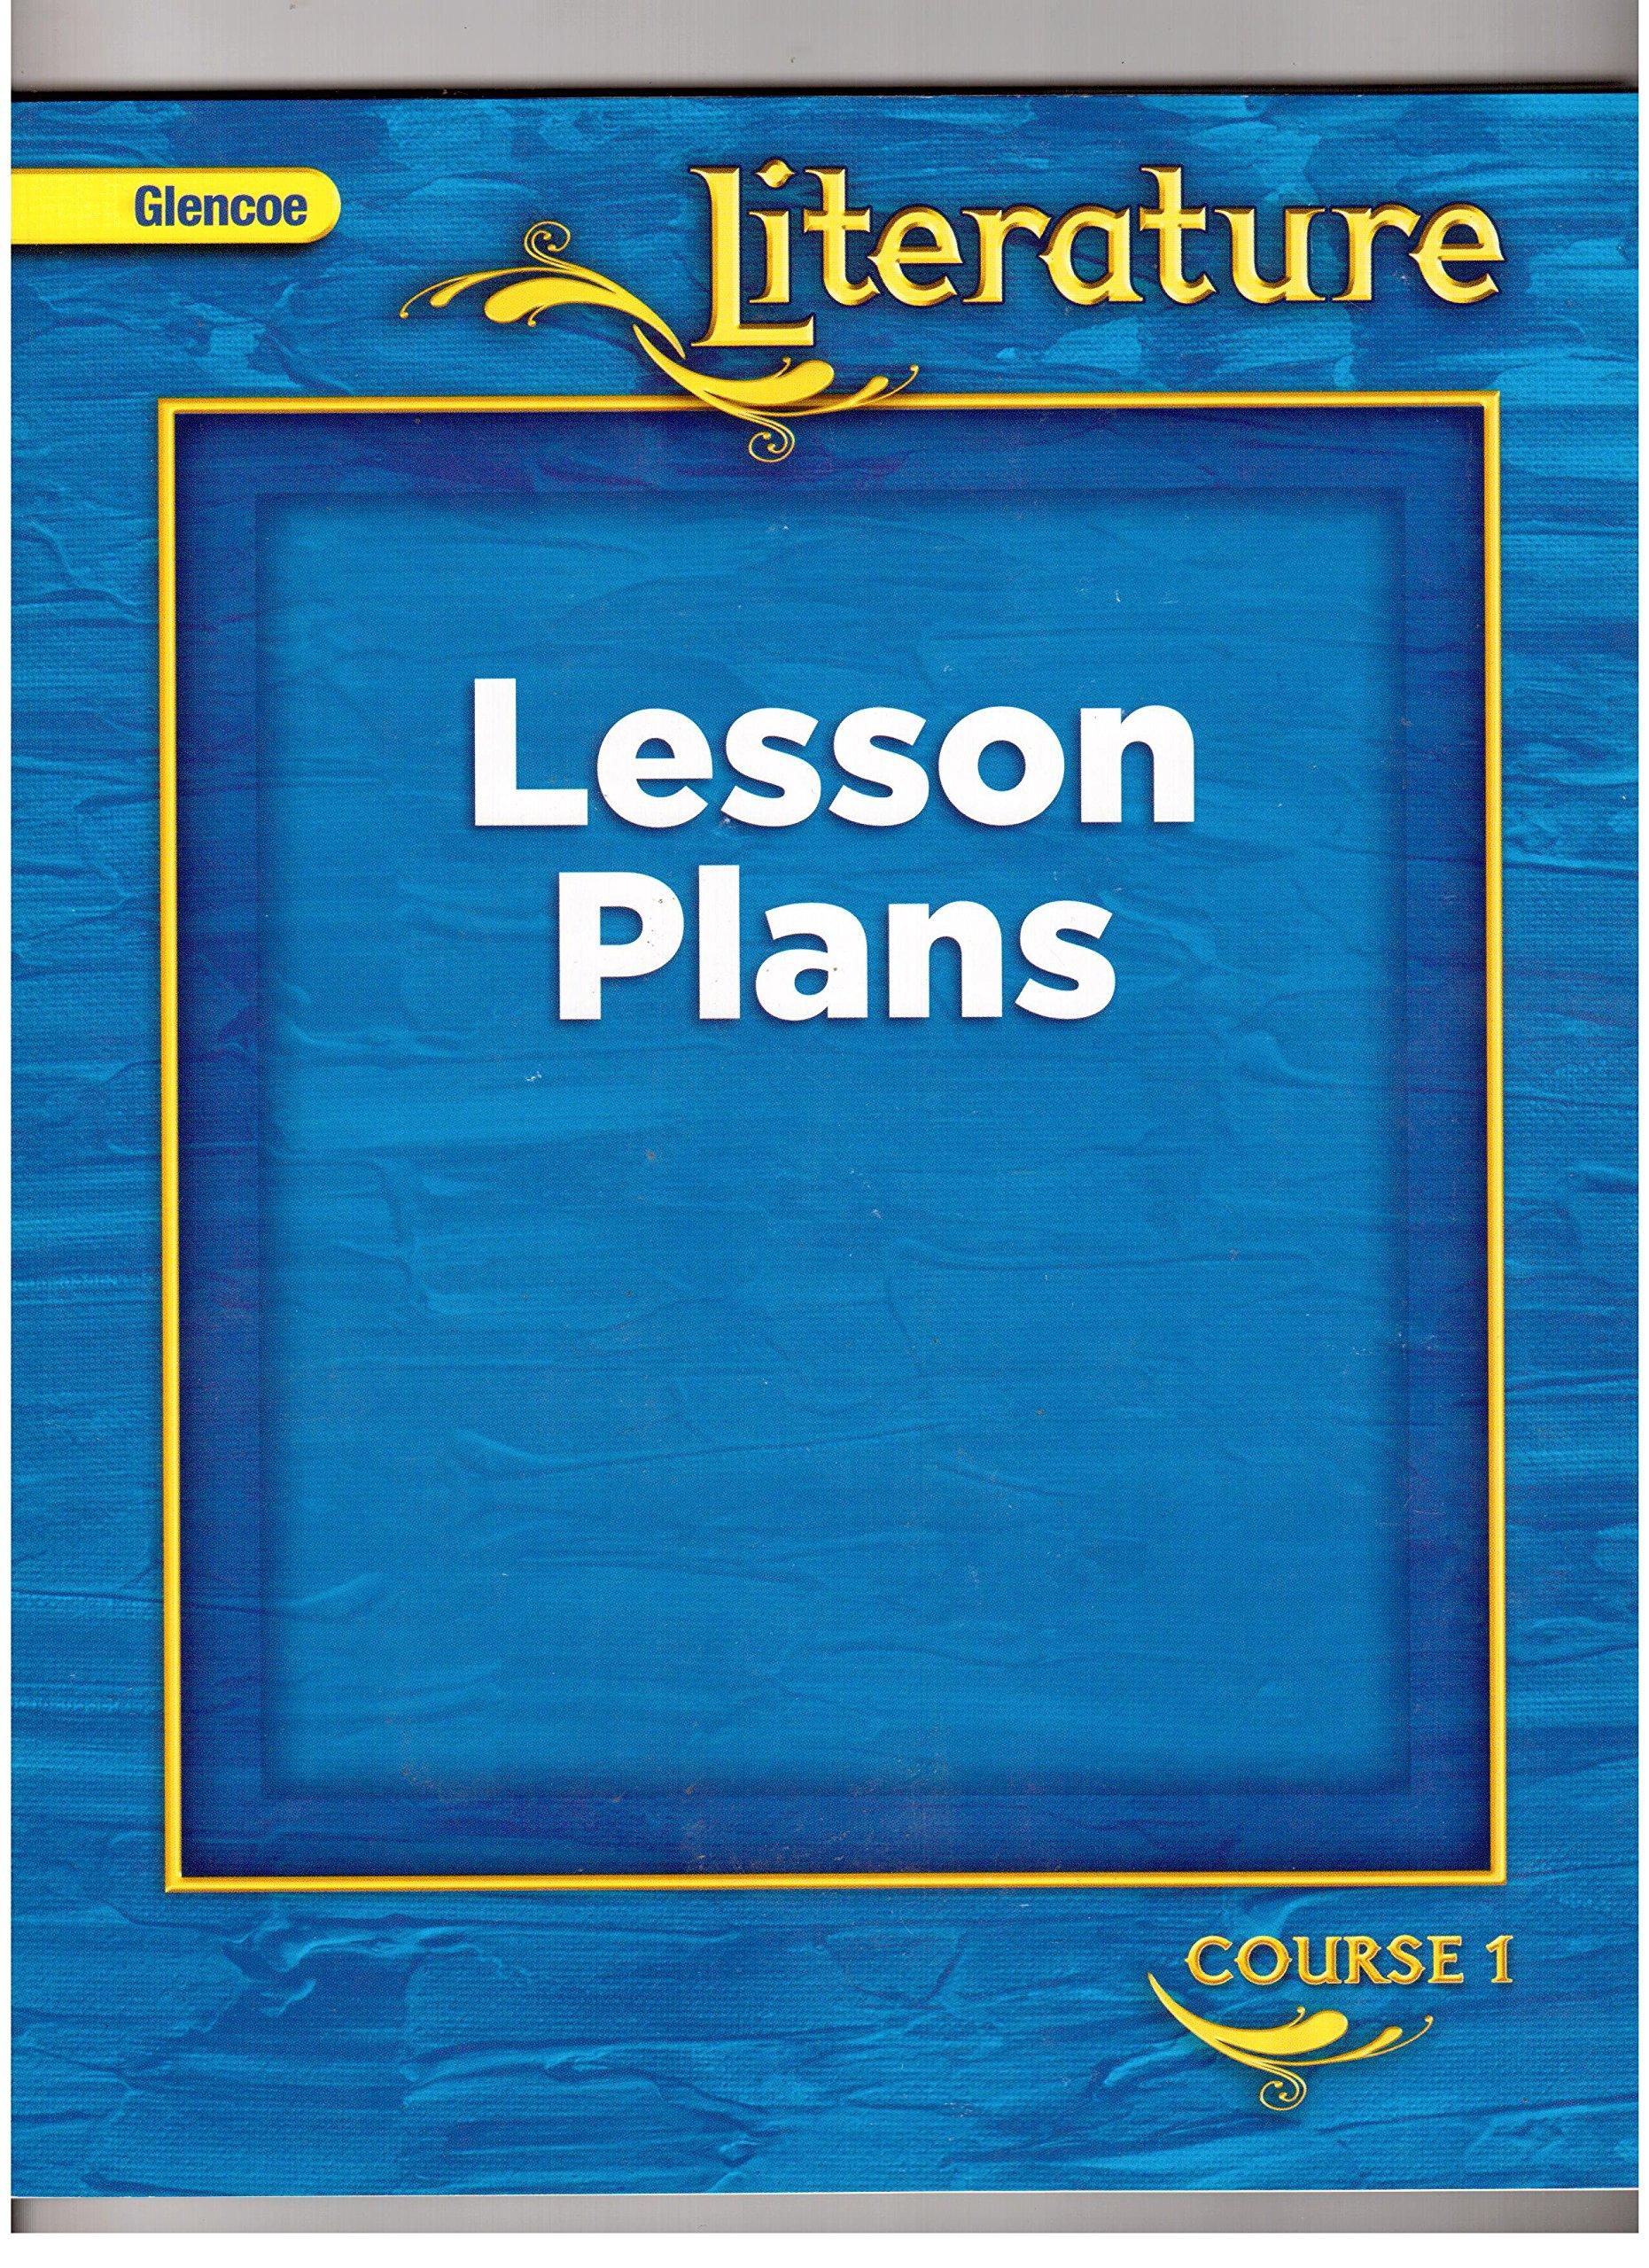 Glencoe Literature Course 1 Lesson Plans: Amazon com: Books